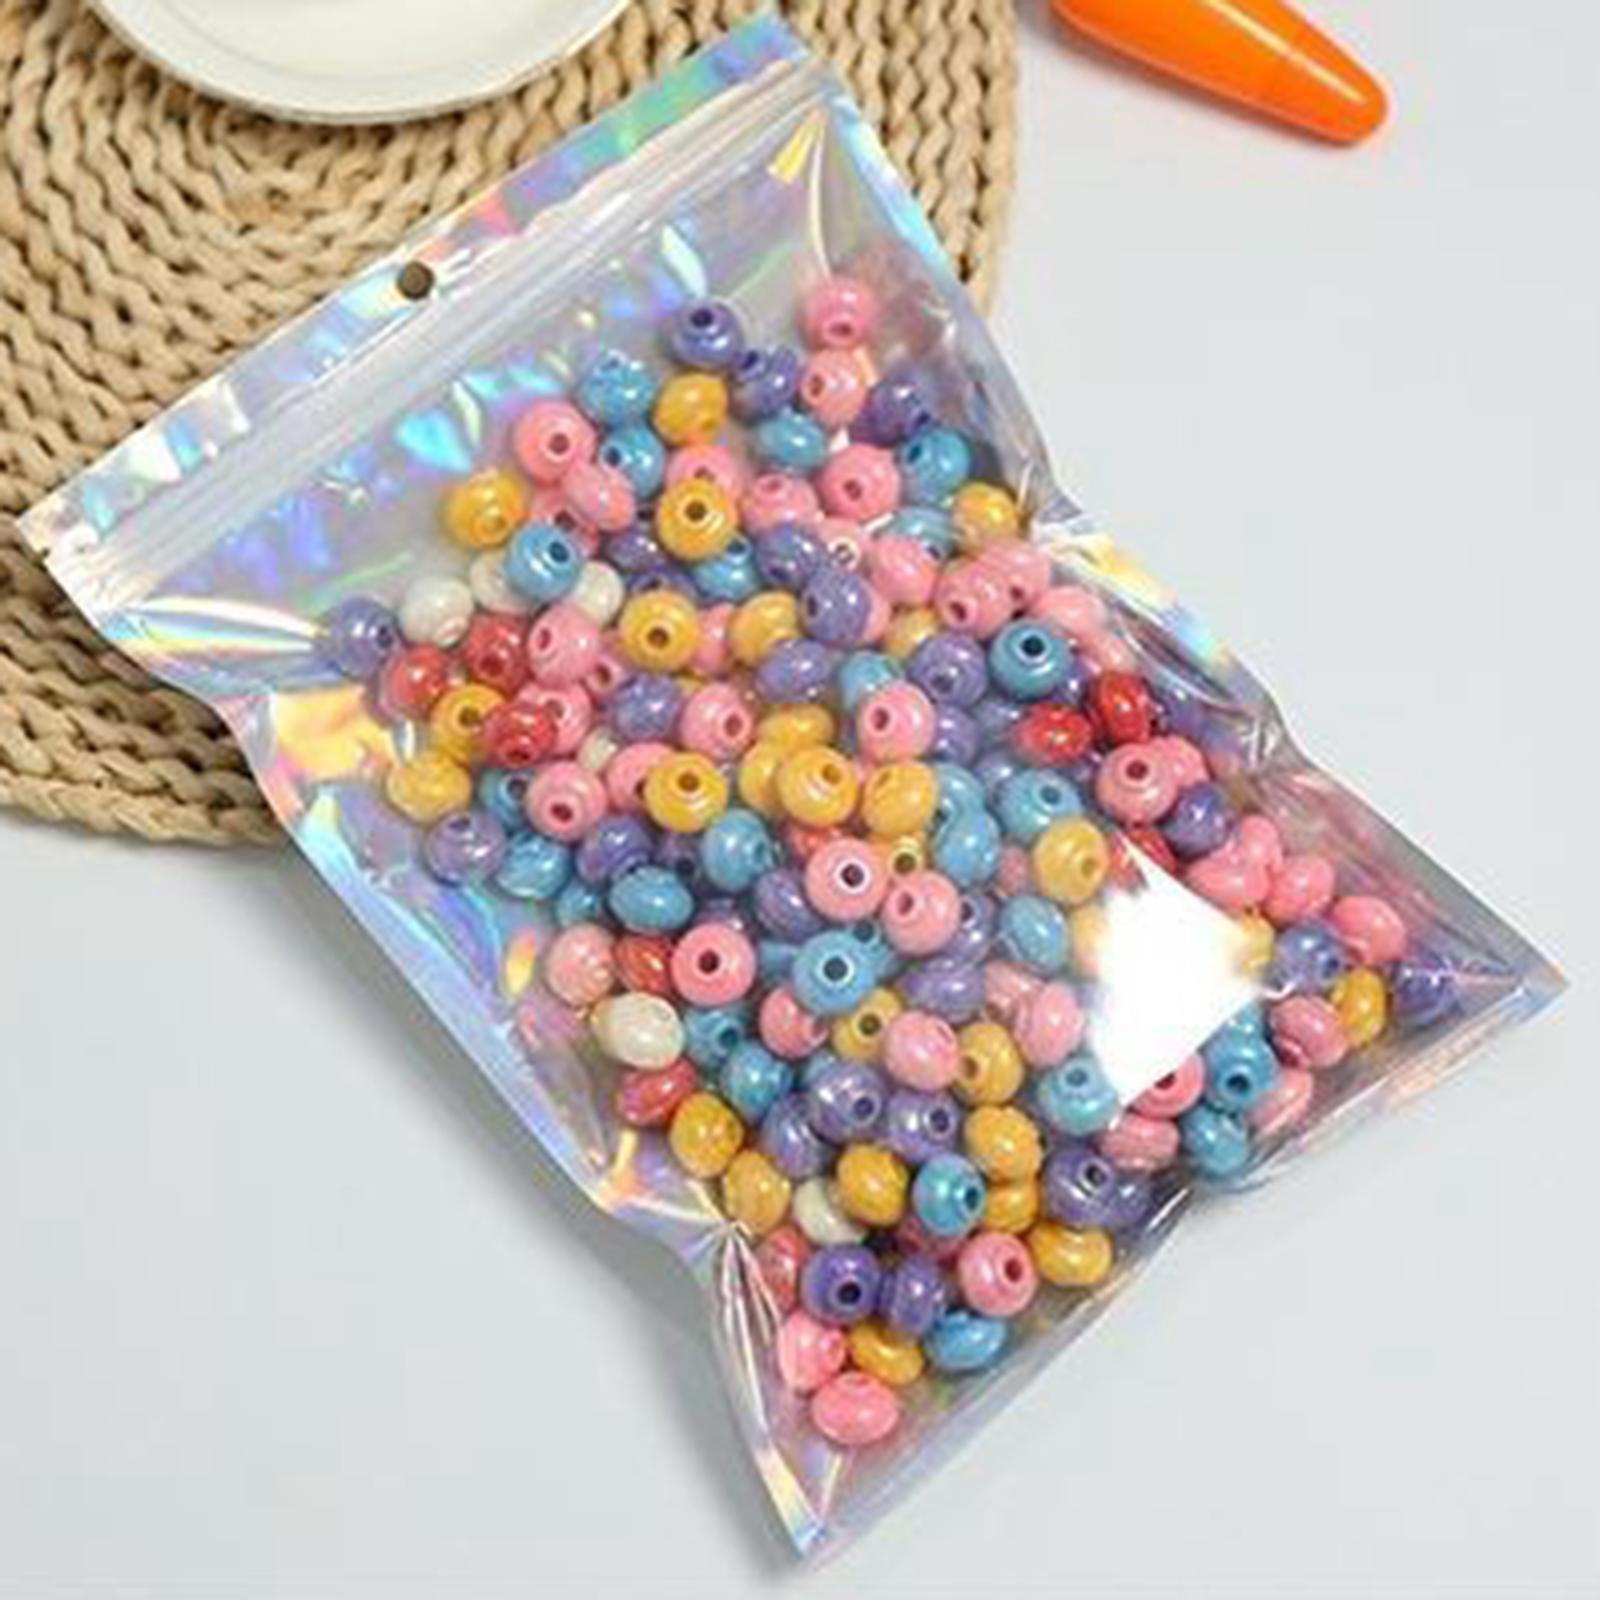 100-pezzi-sacchetti-di-pellicola-trasparente-sacchetto-sigillatura-richiudibile miniatura 13